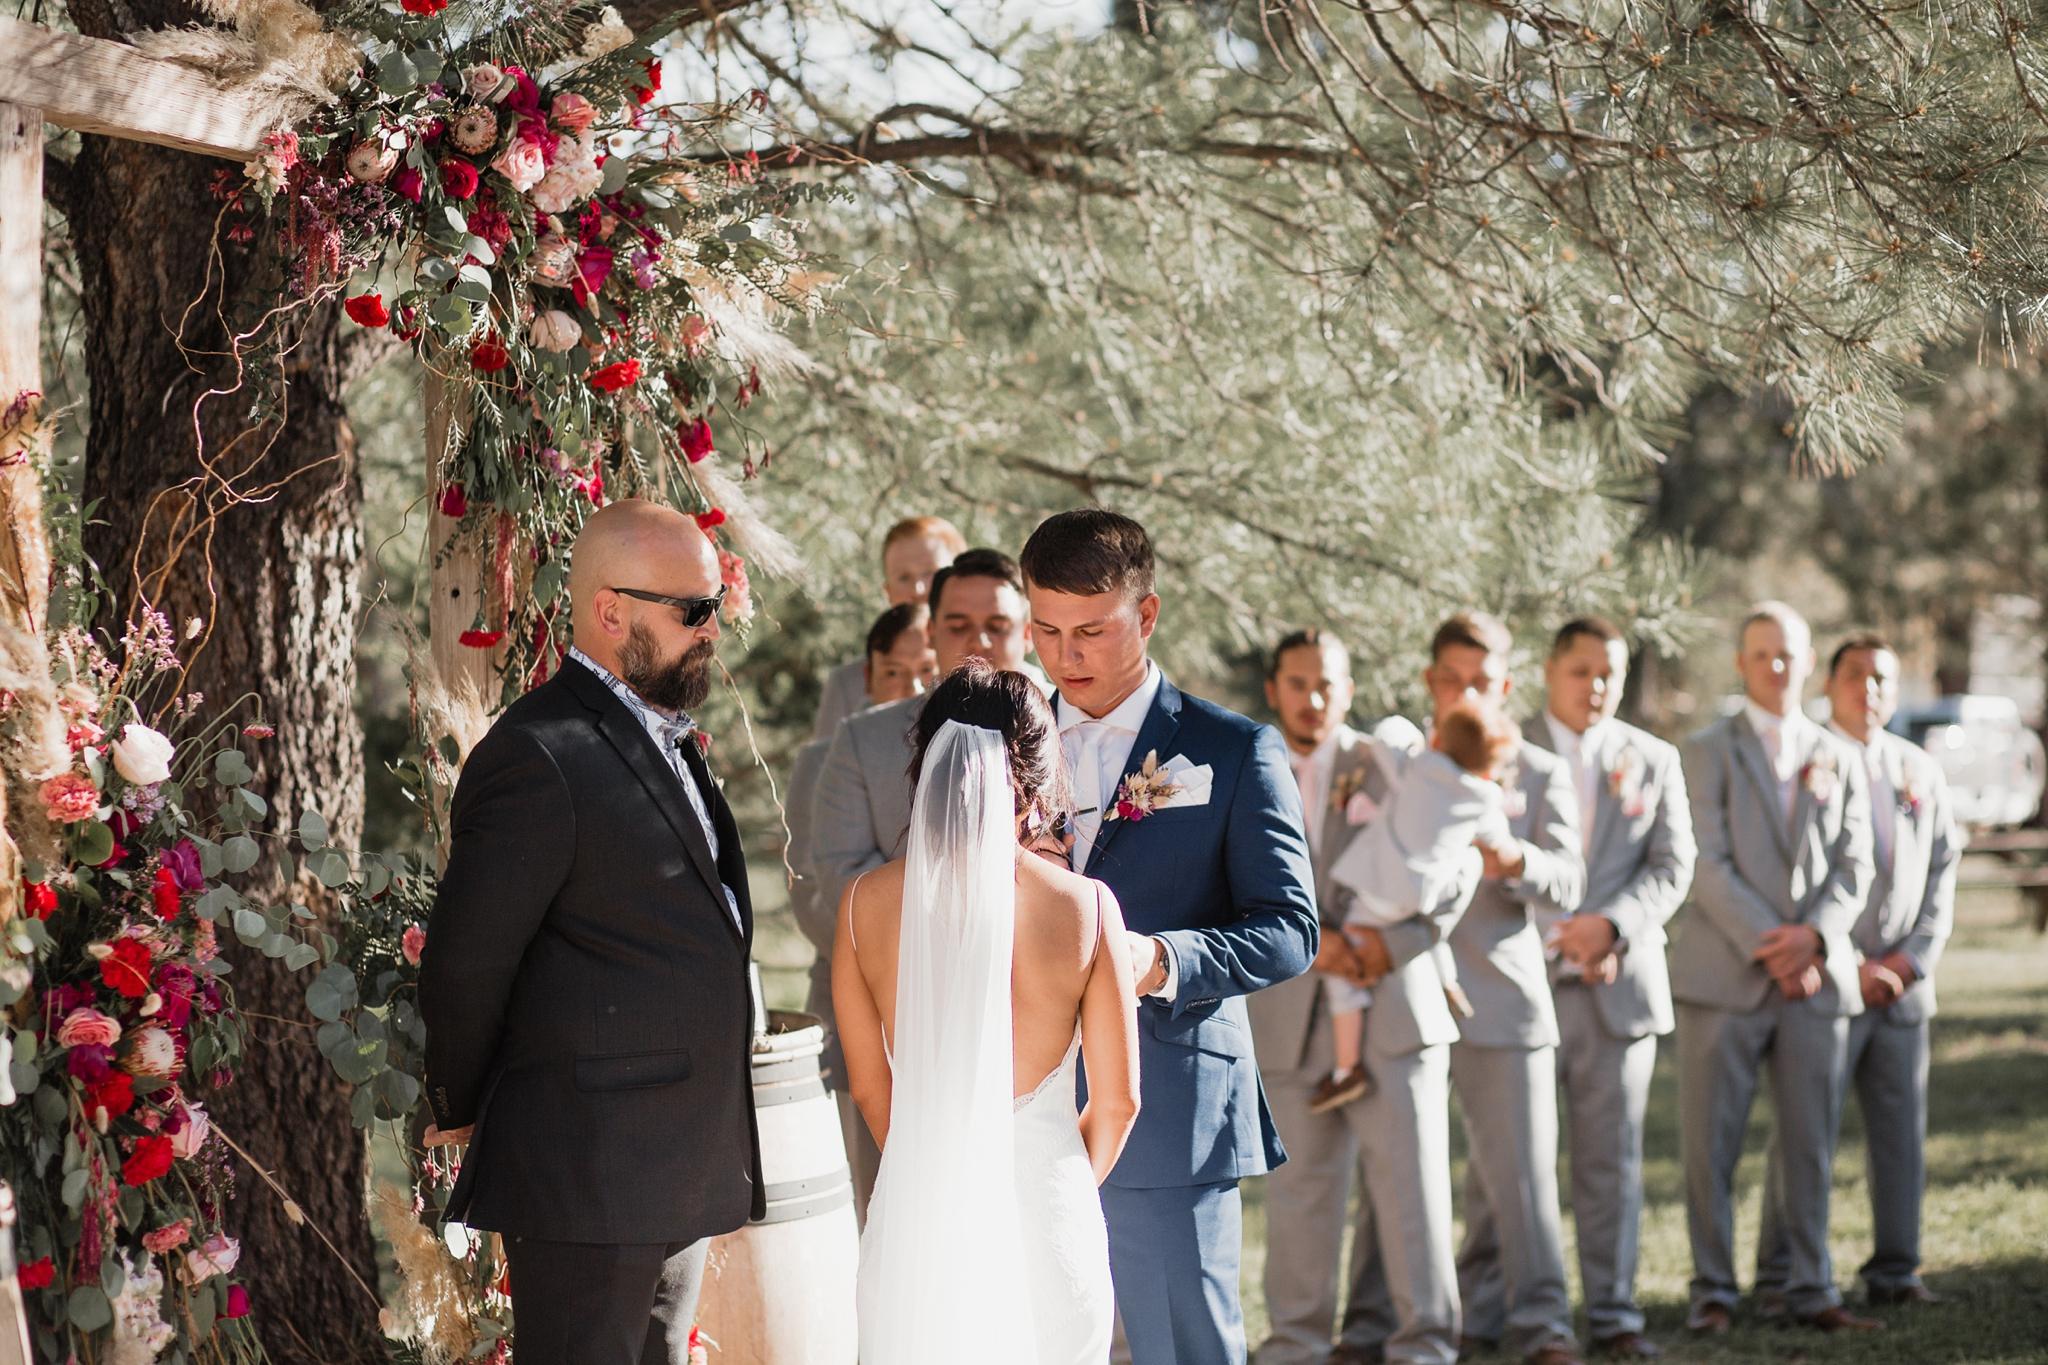 Alicia+lucia+photography+-+albuquerque+wedding+photographer+-+santa+fe+wedding+photography+-+new+mexico+wedding+photographer+-+new+mexico+wedding+-+new+mexico+wedding+-+barn+wedding+-+enchanted+vine+barn+wedding+-+ruidoso+wedding_0101.jpg